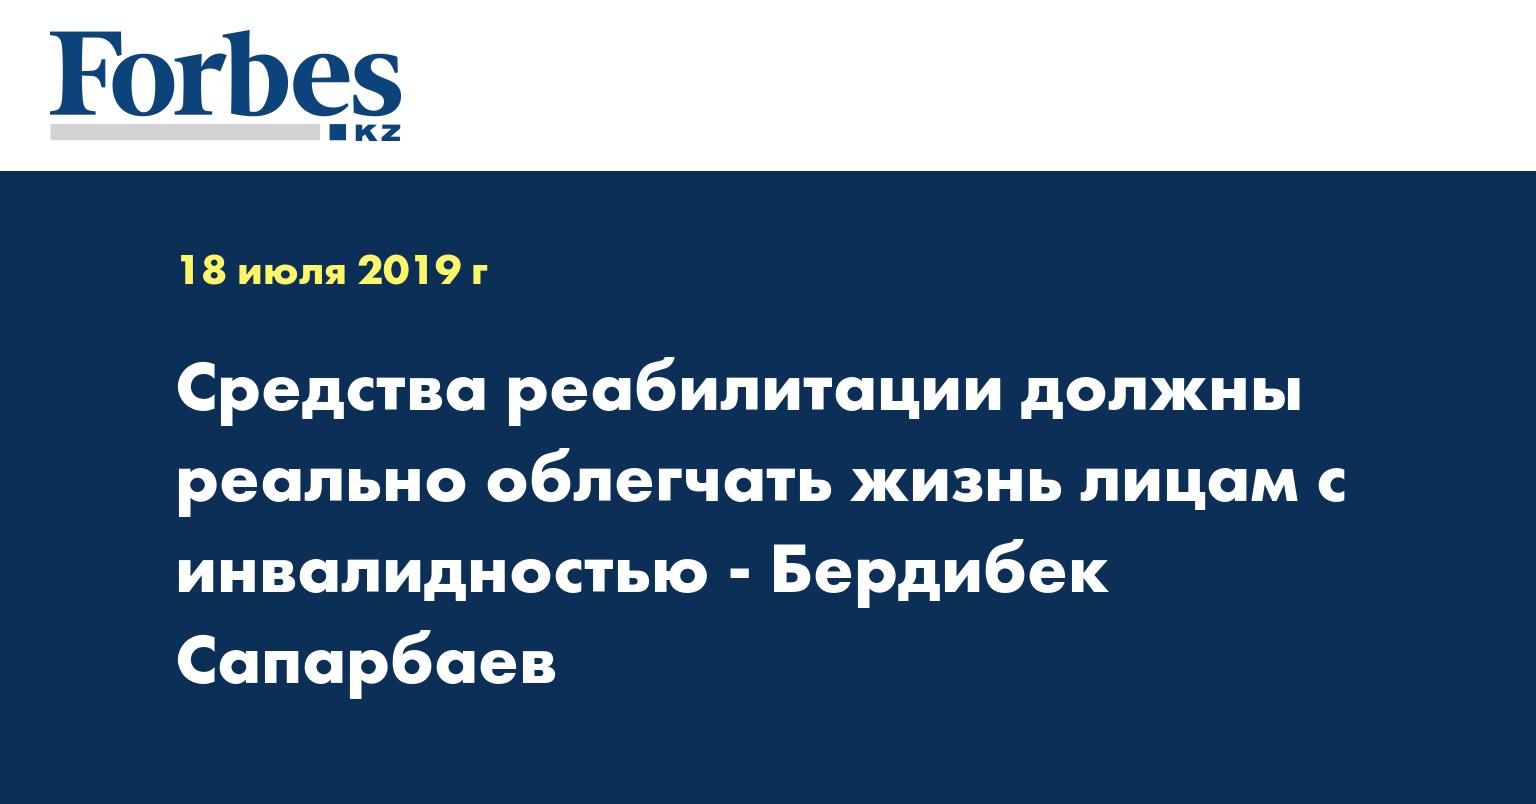 Средства реабилитации должны реально облегчать жизнь лицам с инвалидностью - Бердибек Сапарбаев